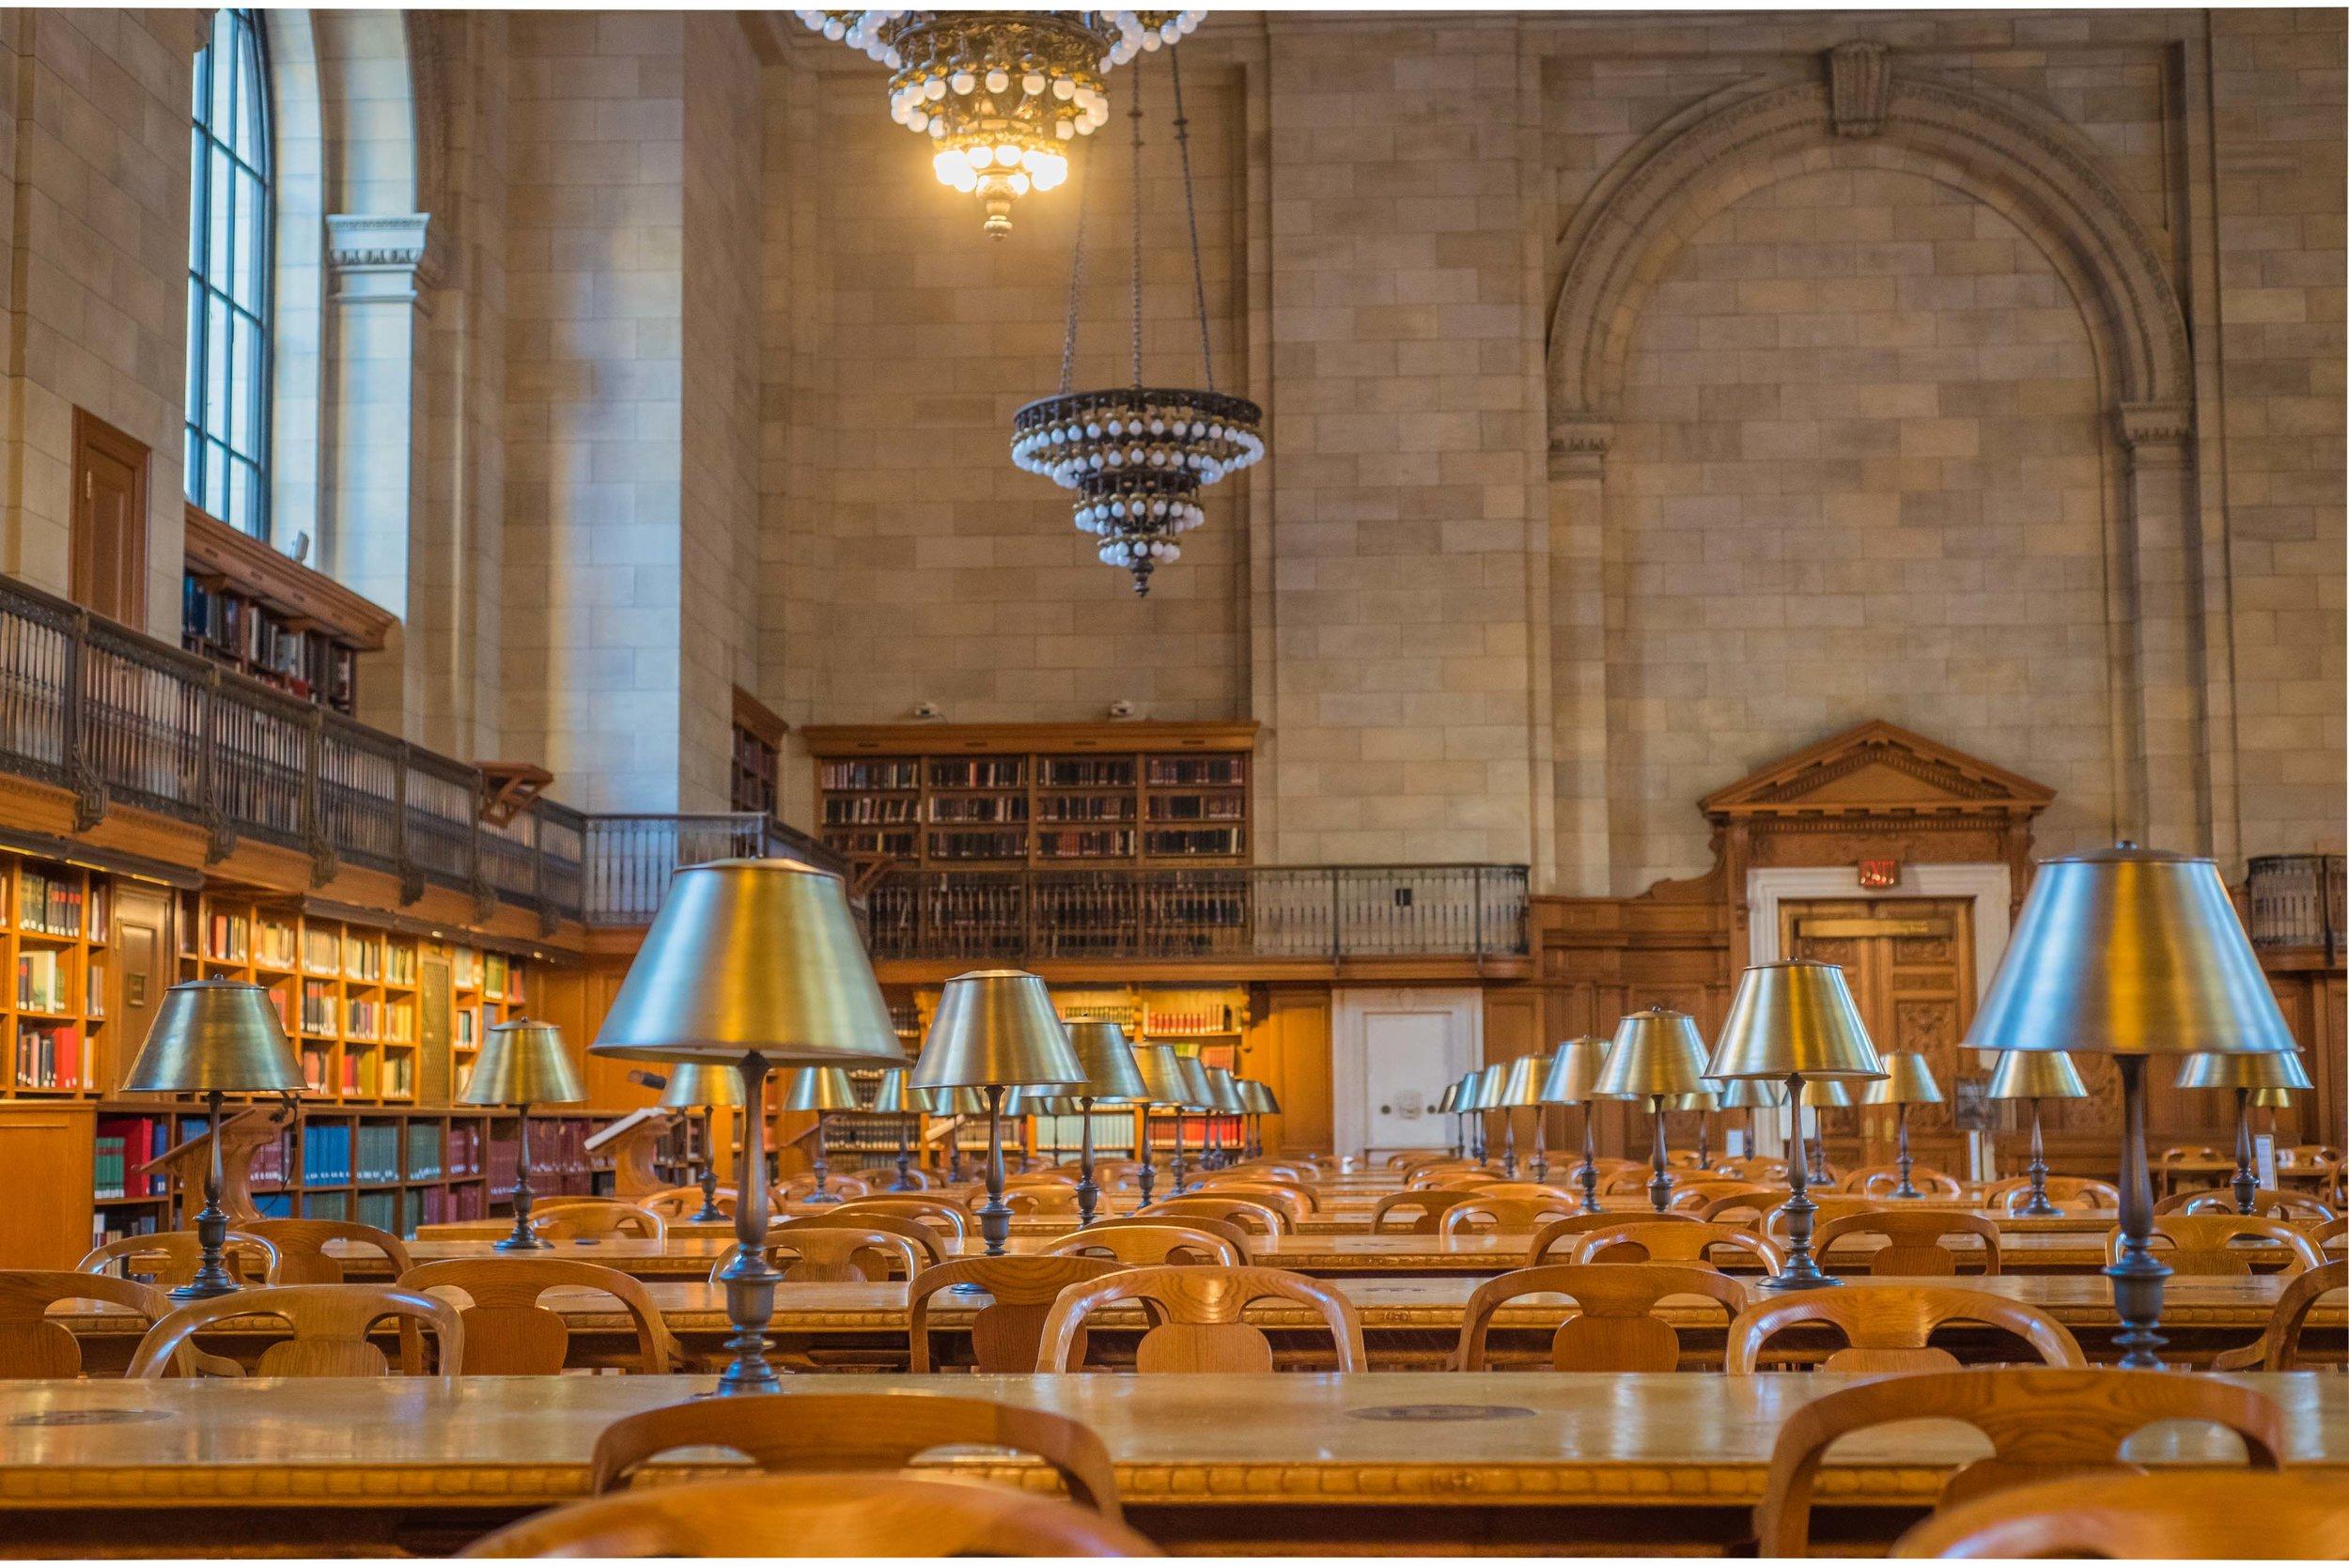 NY Public Library. Manhattan, NY 2017